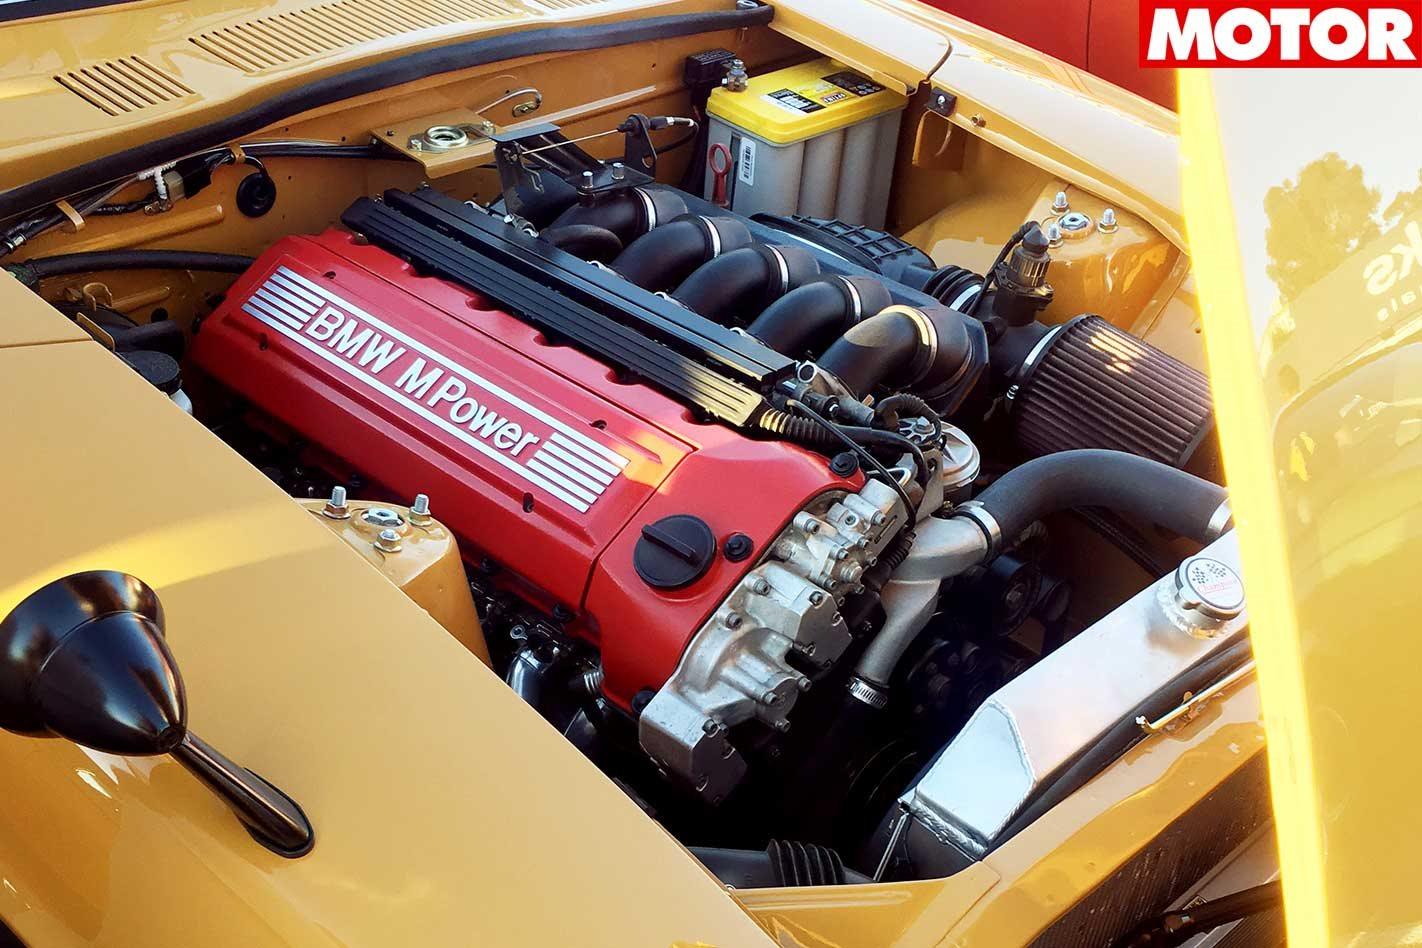 Datsun 240z Sleeper Has A Bmw M3 Engine